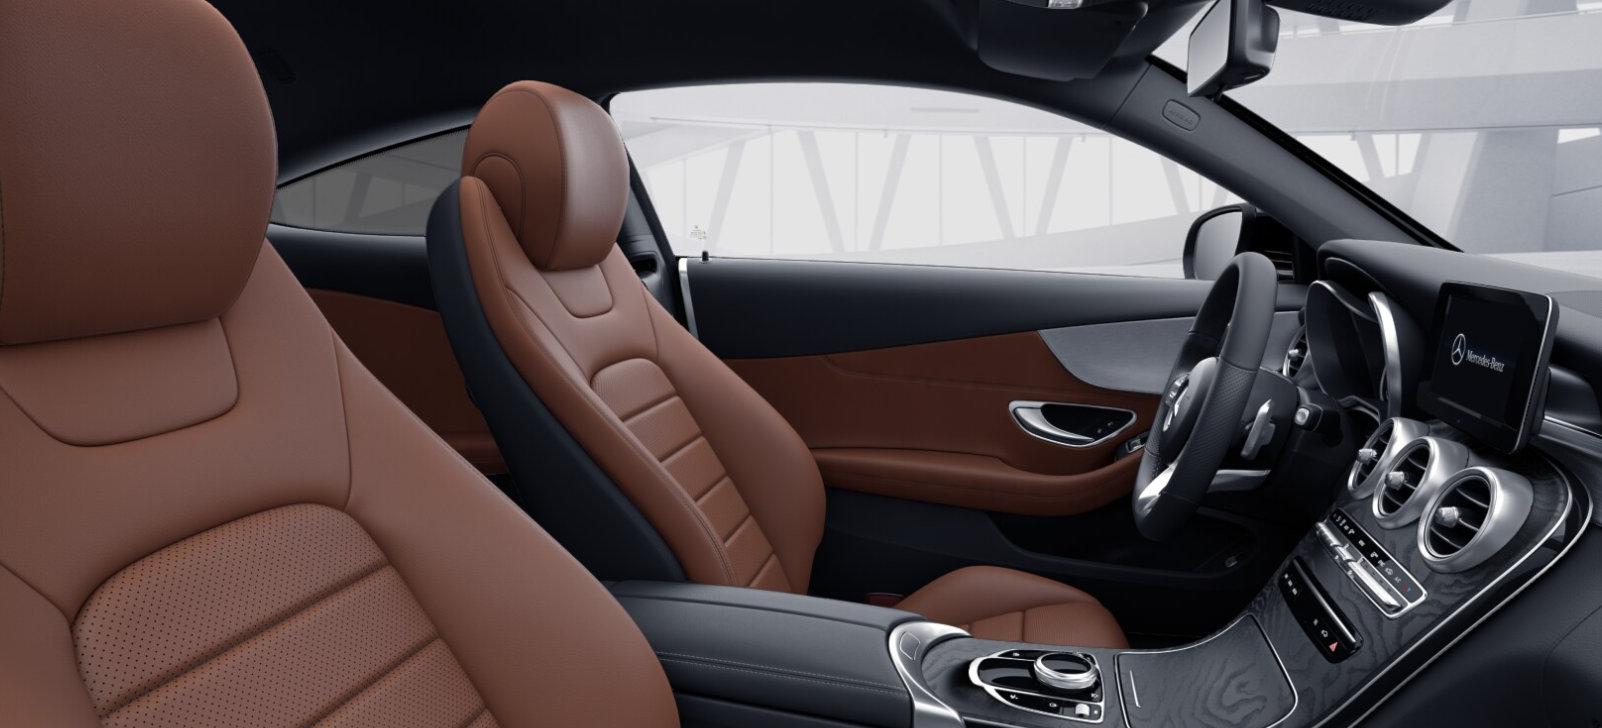 Mercedes-C-Klasse-Coupe-leasen-5